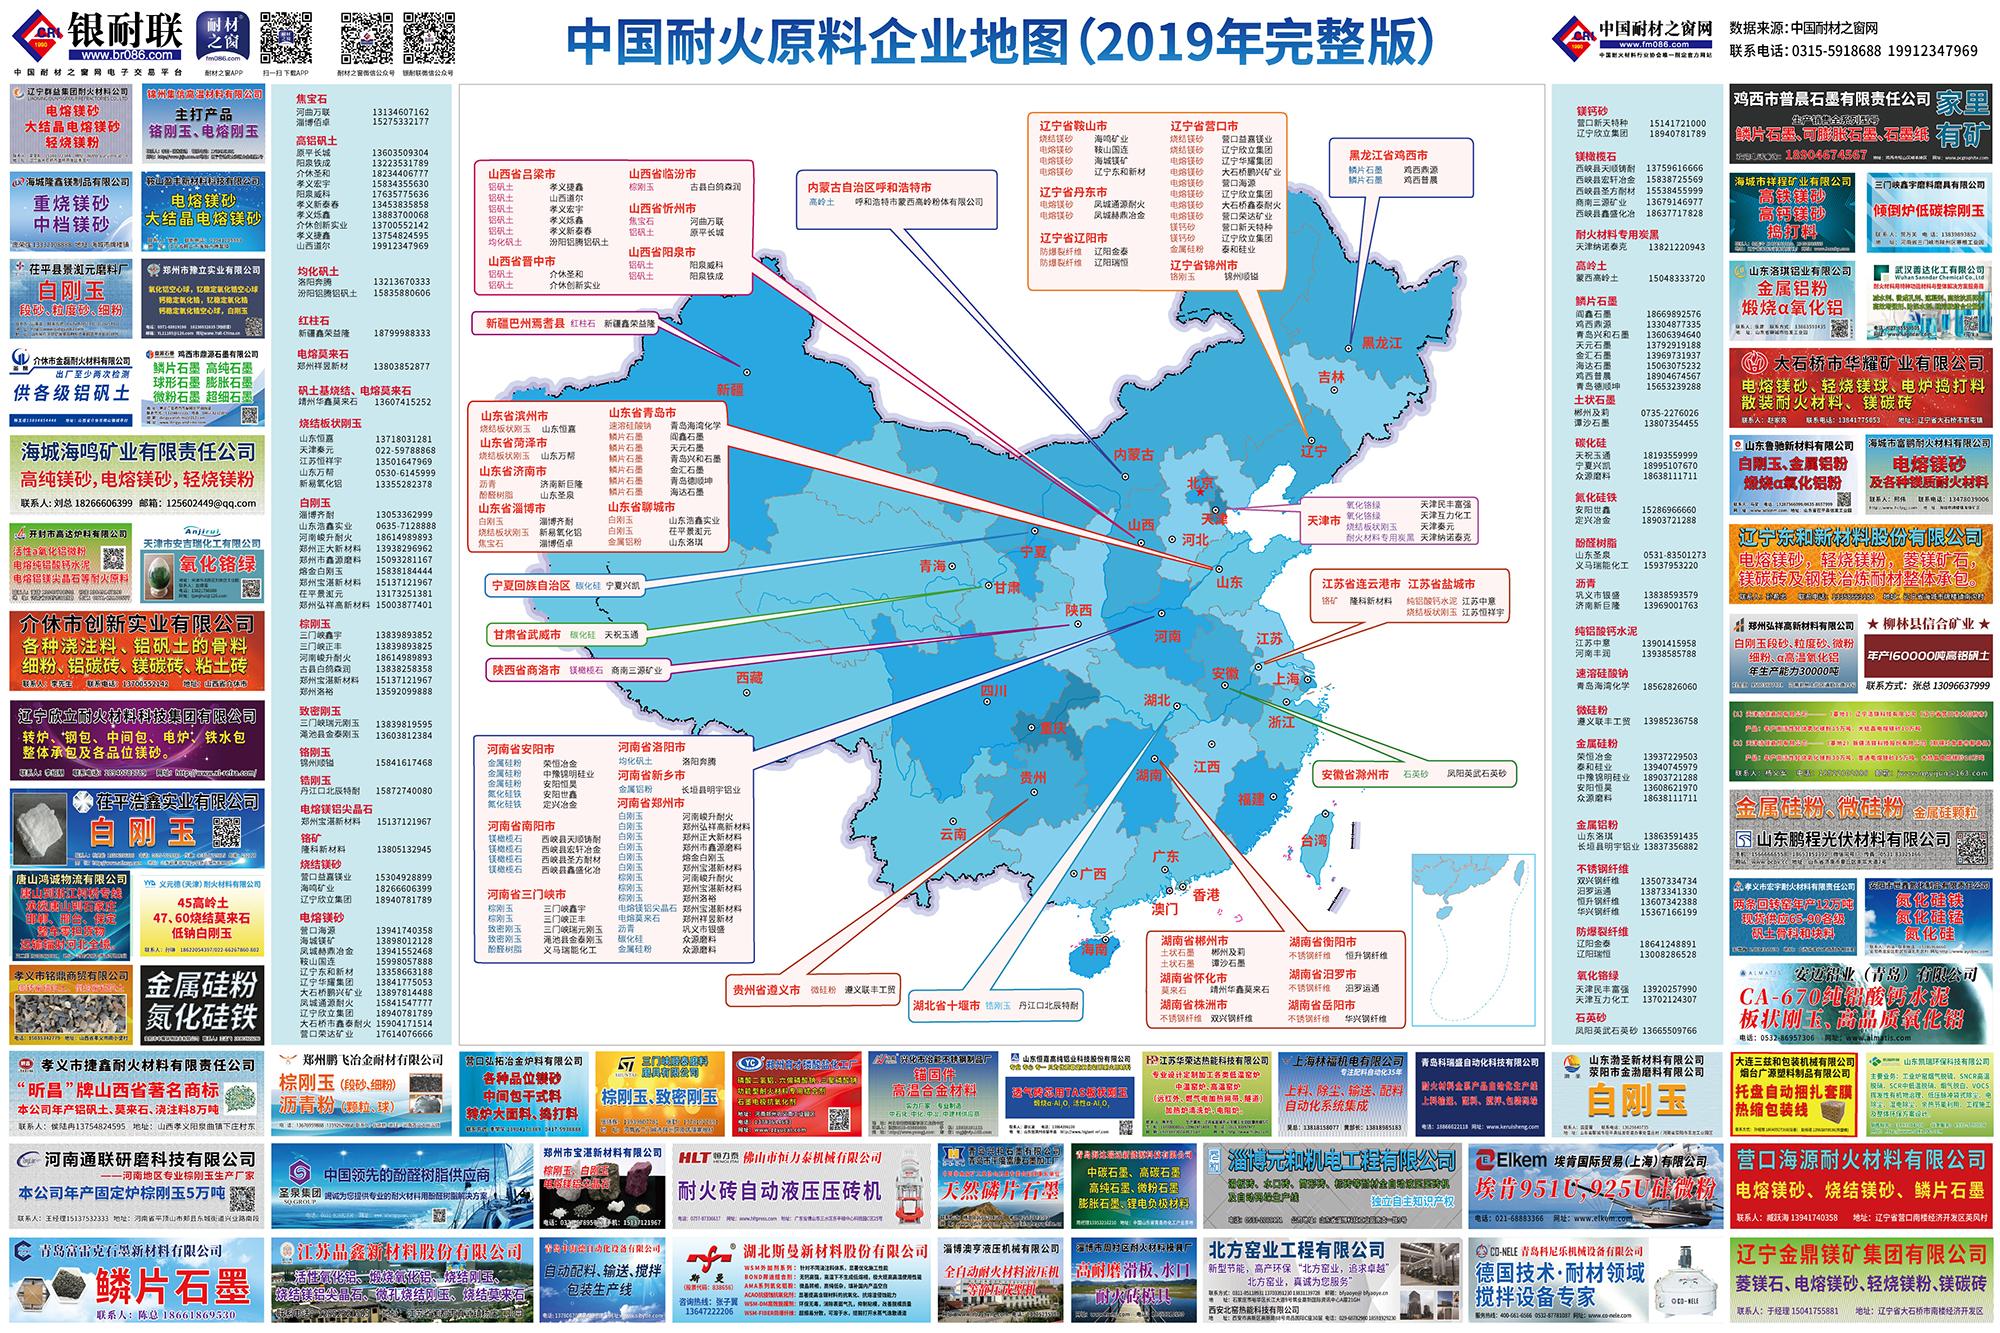 中国耐火原料企业地图(2019年完整版)